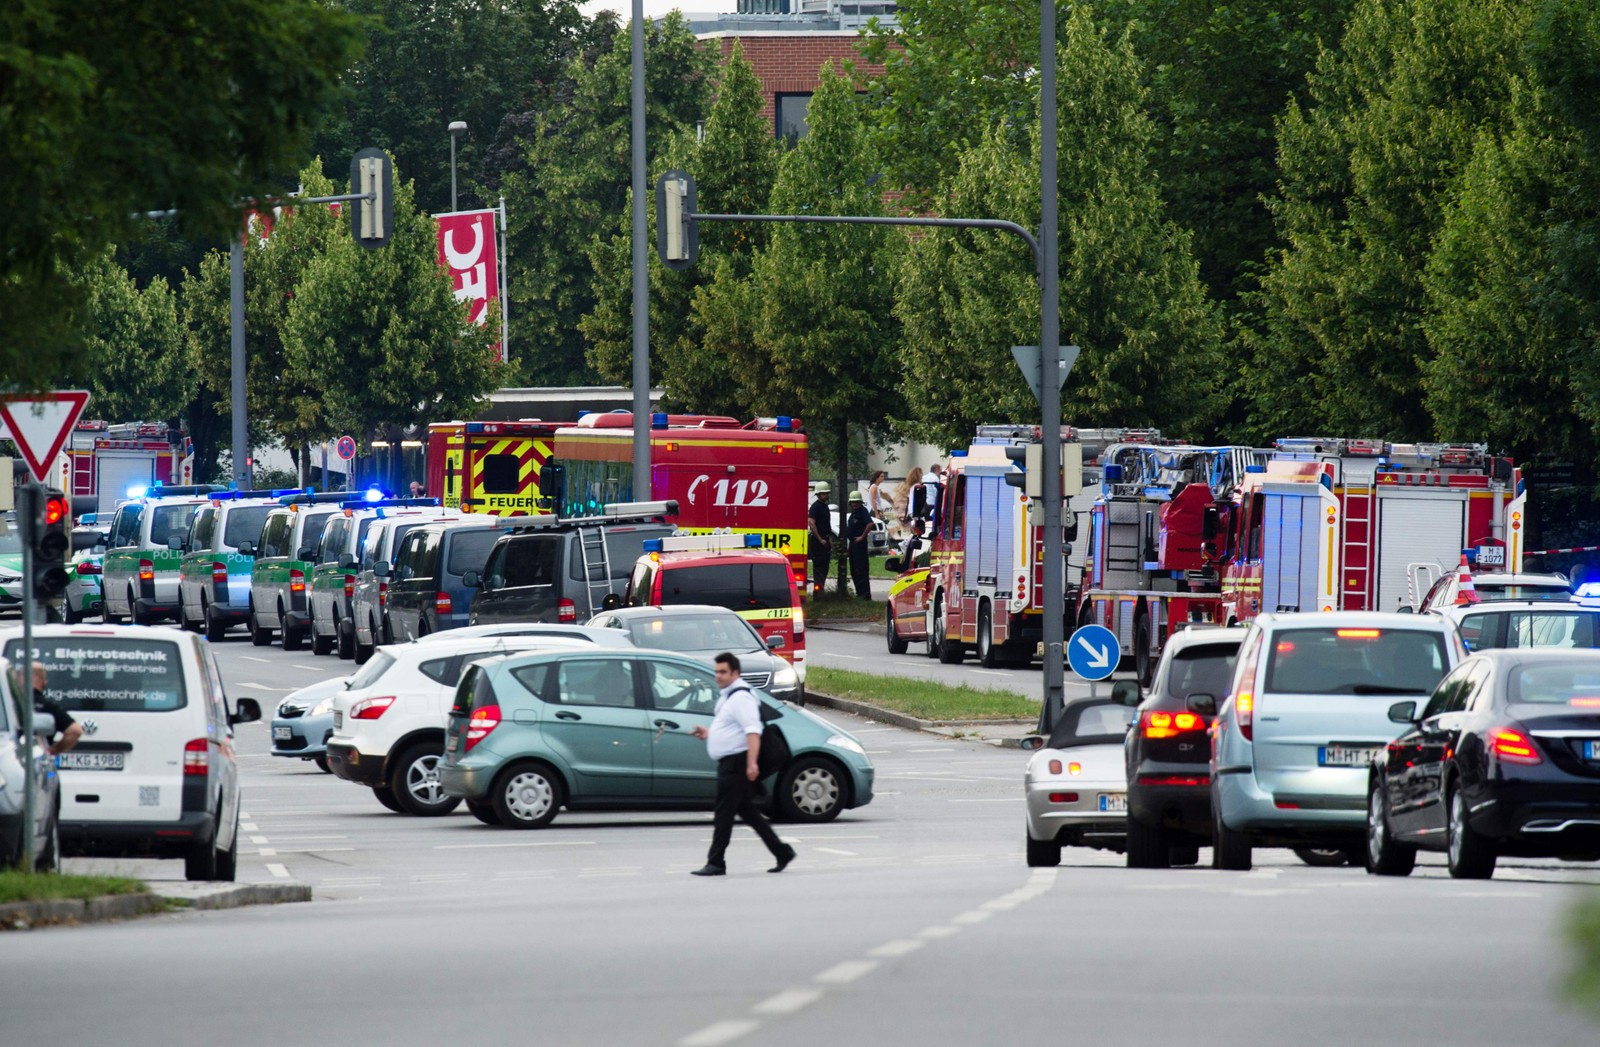 STORE UTRYKNINGER: Politi, brannvesen og ambulanser har rykket ut til områder i nærheten av kjøpesenteret der skytingen begynte.